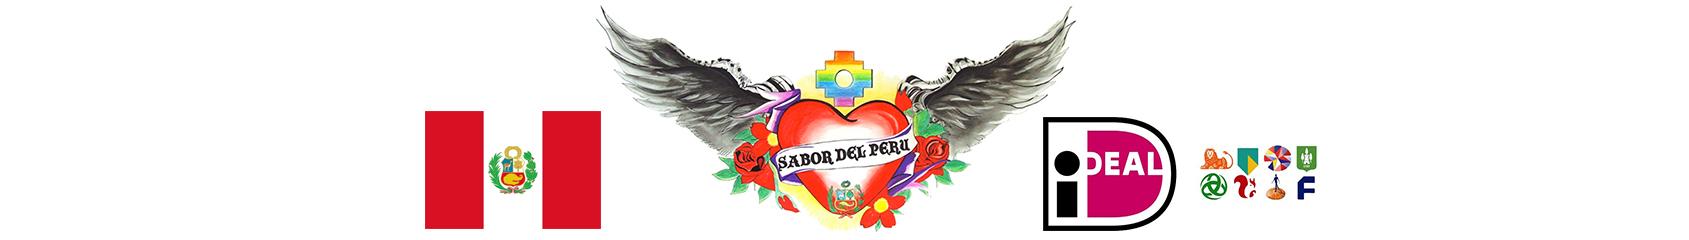 SabordelPeru